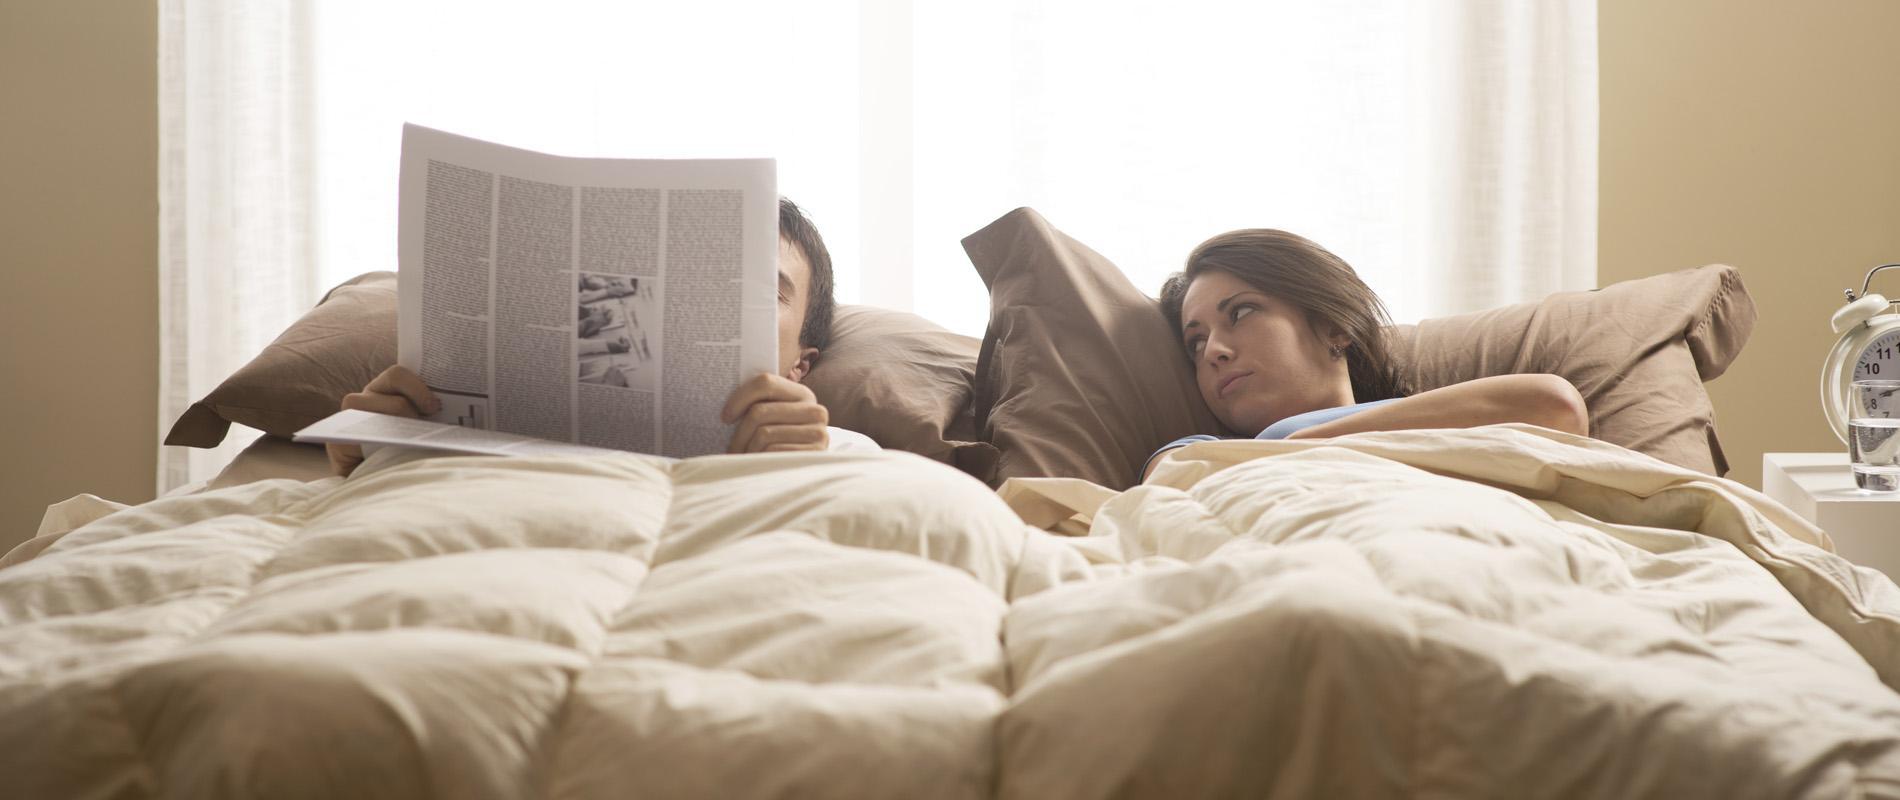 Coment les femme portugaise font l amour a leur homme [PUNIQRANDLINE-(au-dating-names.txt) 67